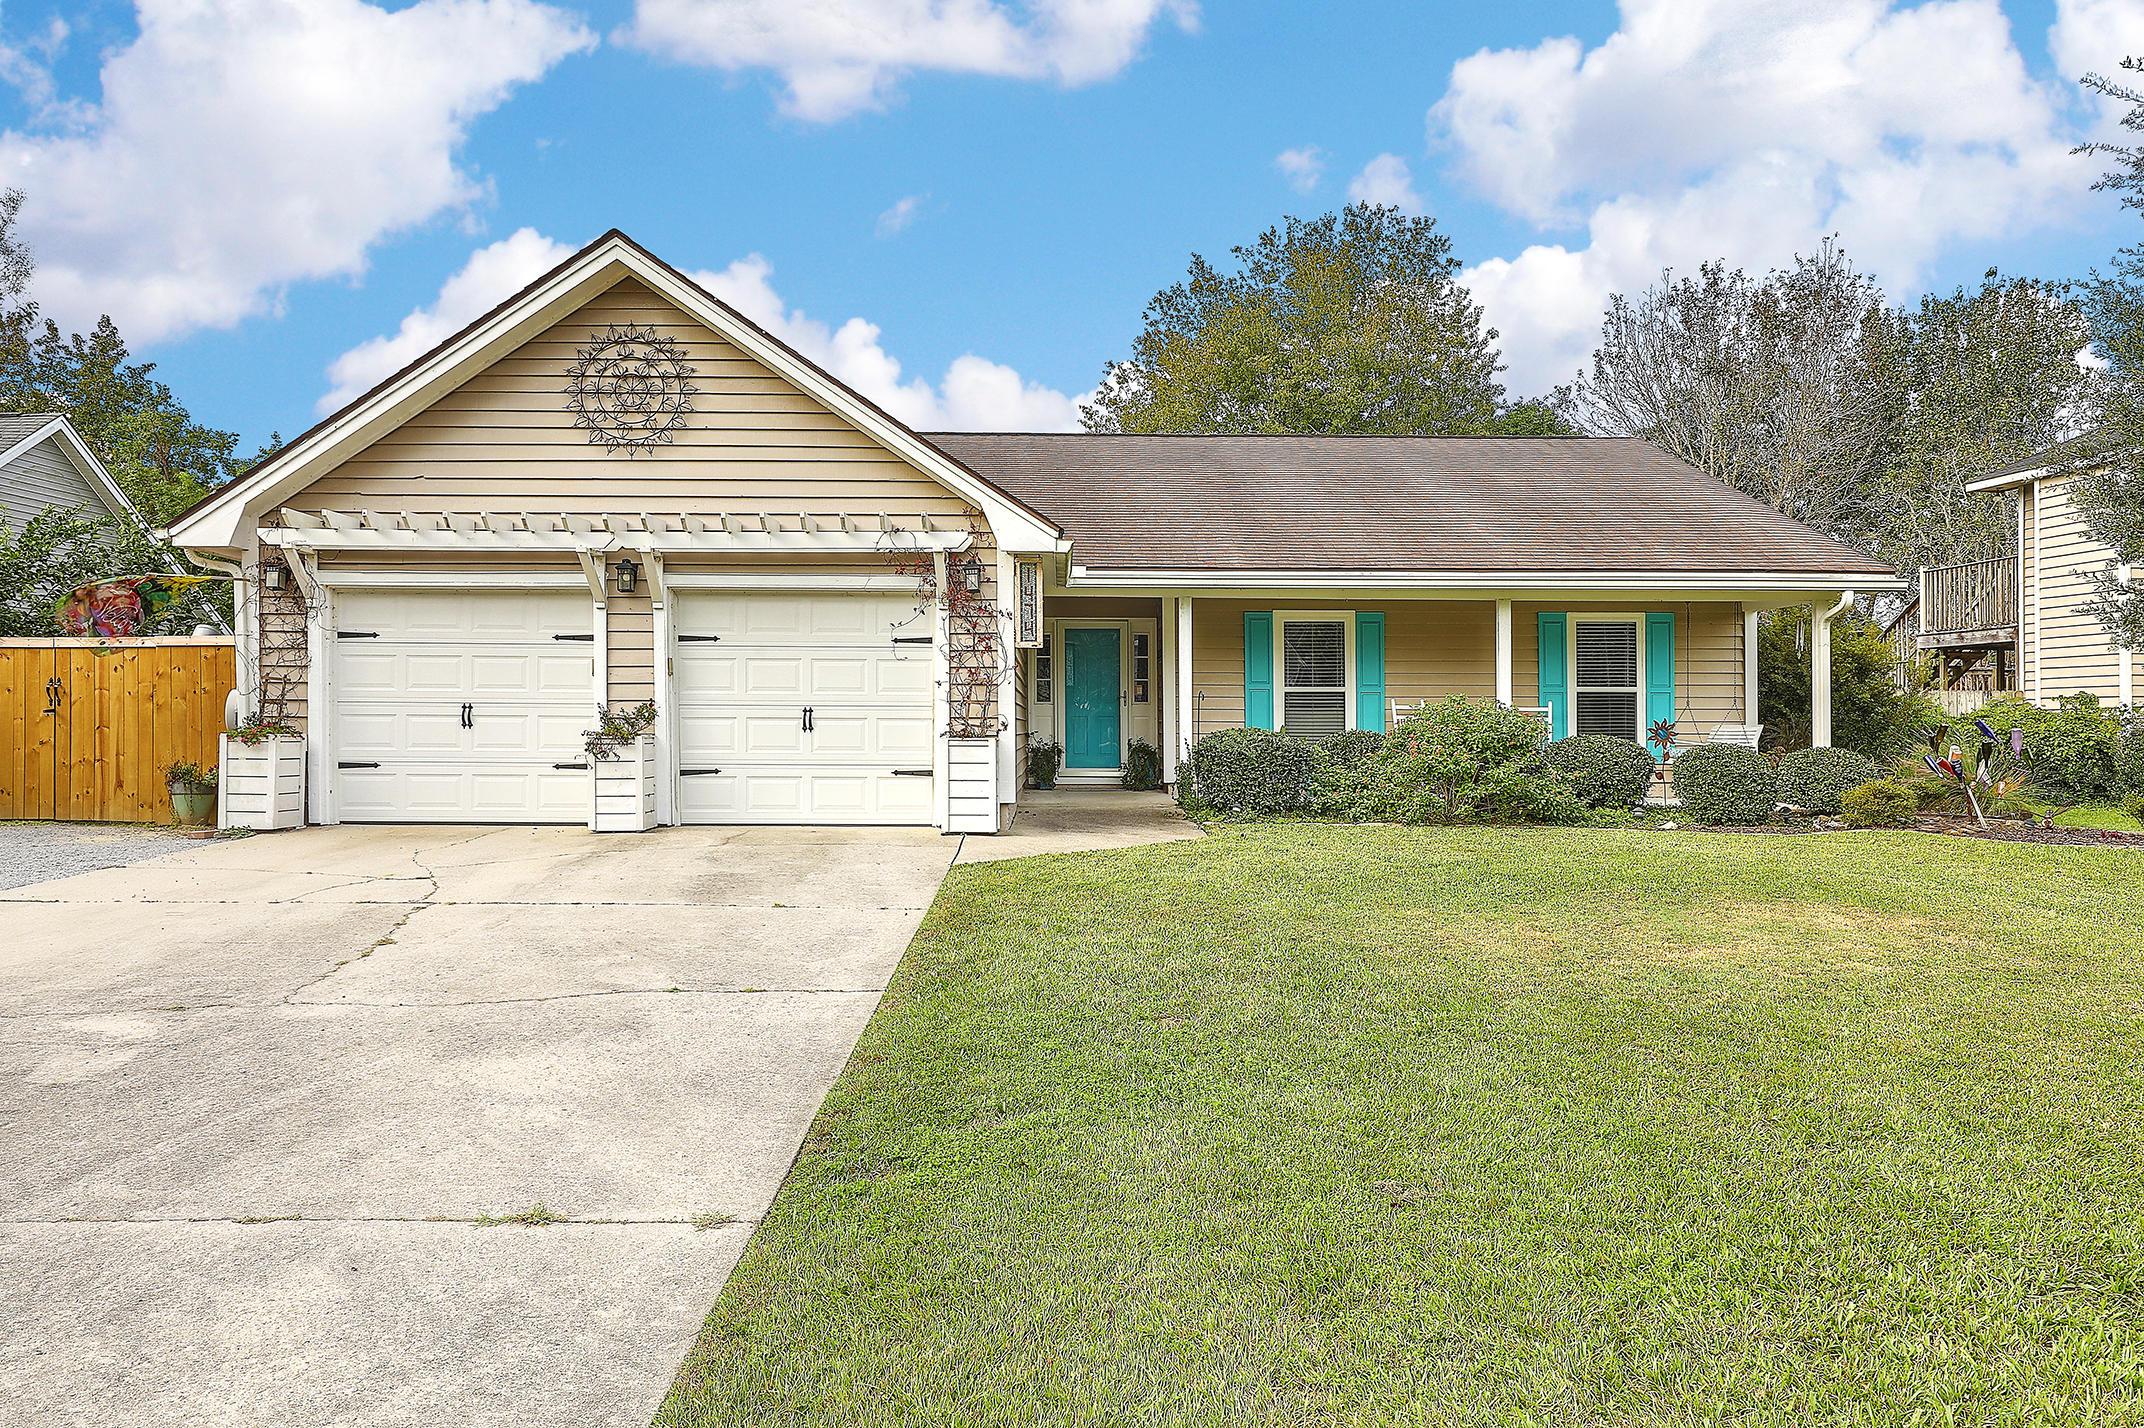 Coopers Landing Homes For Sale - 1474 Hidden Bridge, Mount Pleasant, SC - 11